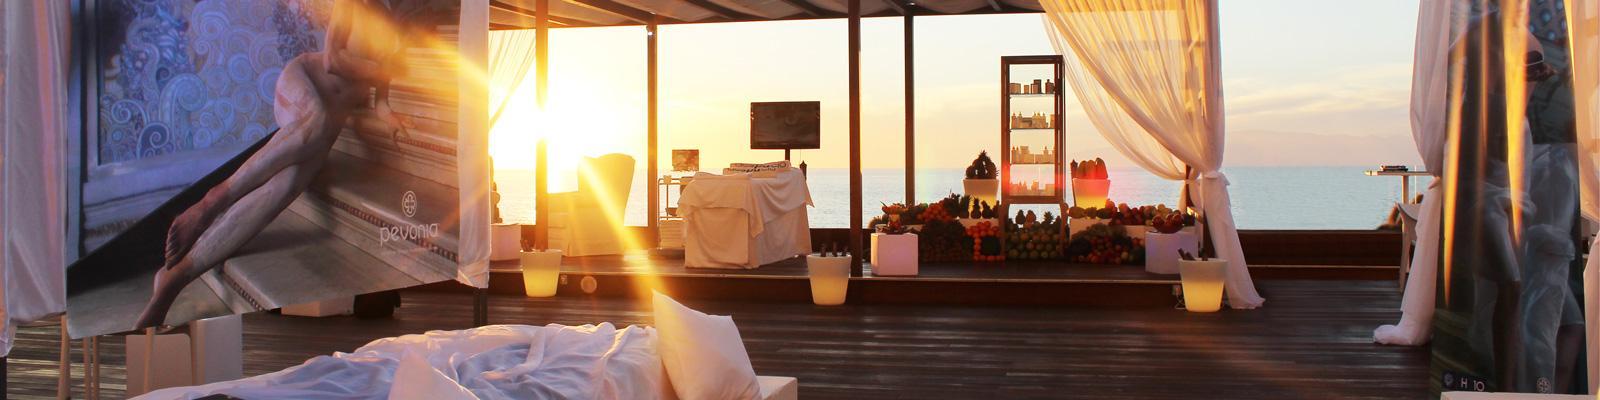 H10 Gran Tinerfe Hotel - Costa Adeje Tenerife